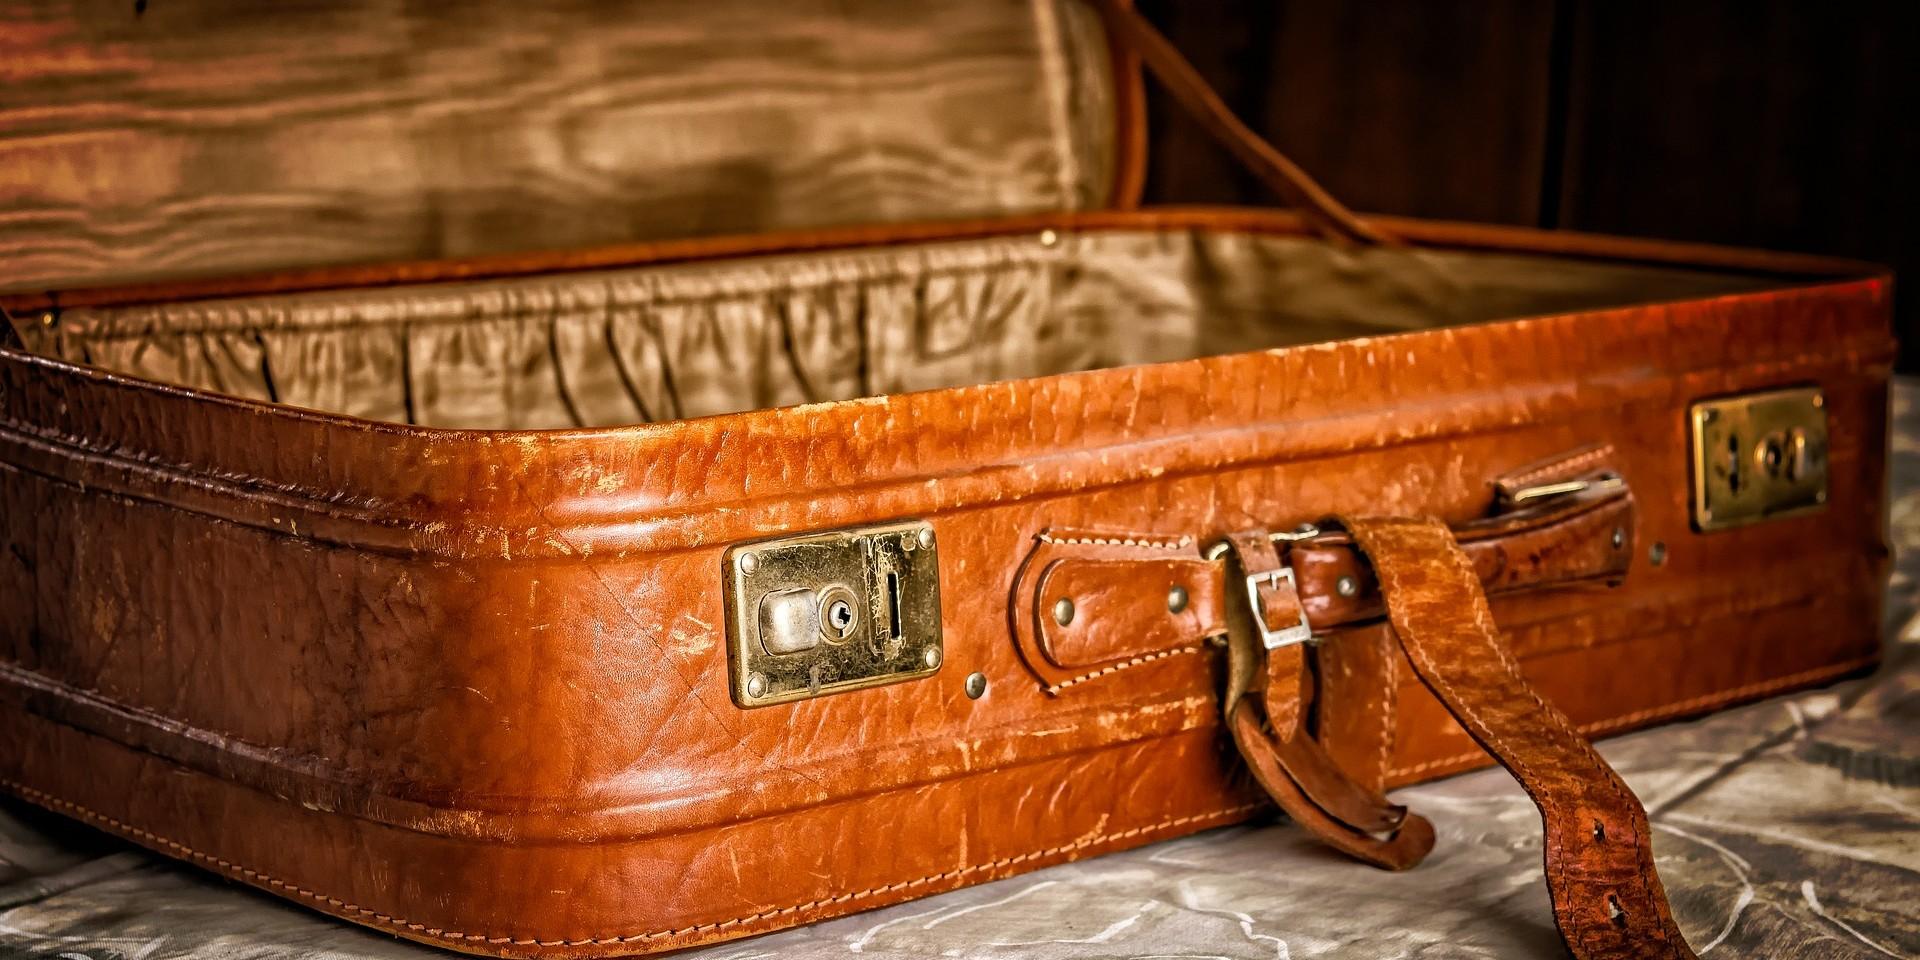 PODUZETNICI UPOZORAVAJU Sljedeća turistička grana koja će propasti su putničke agencije